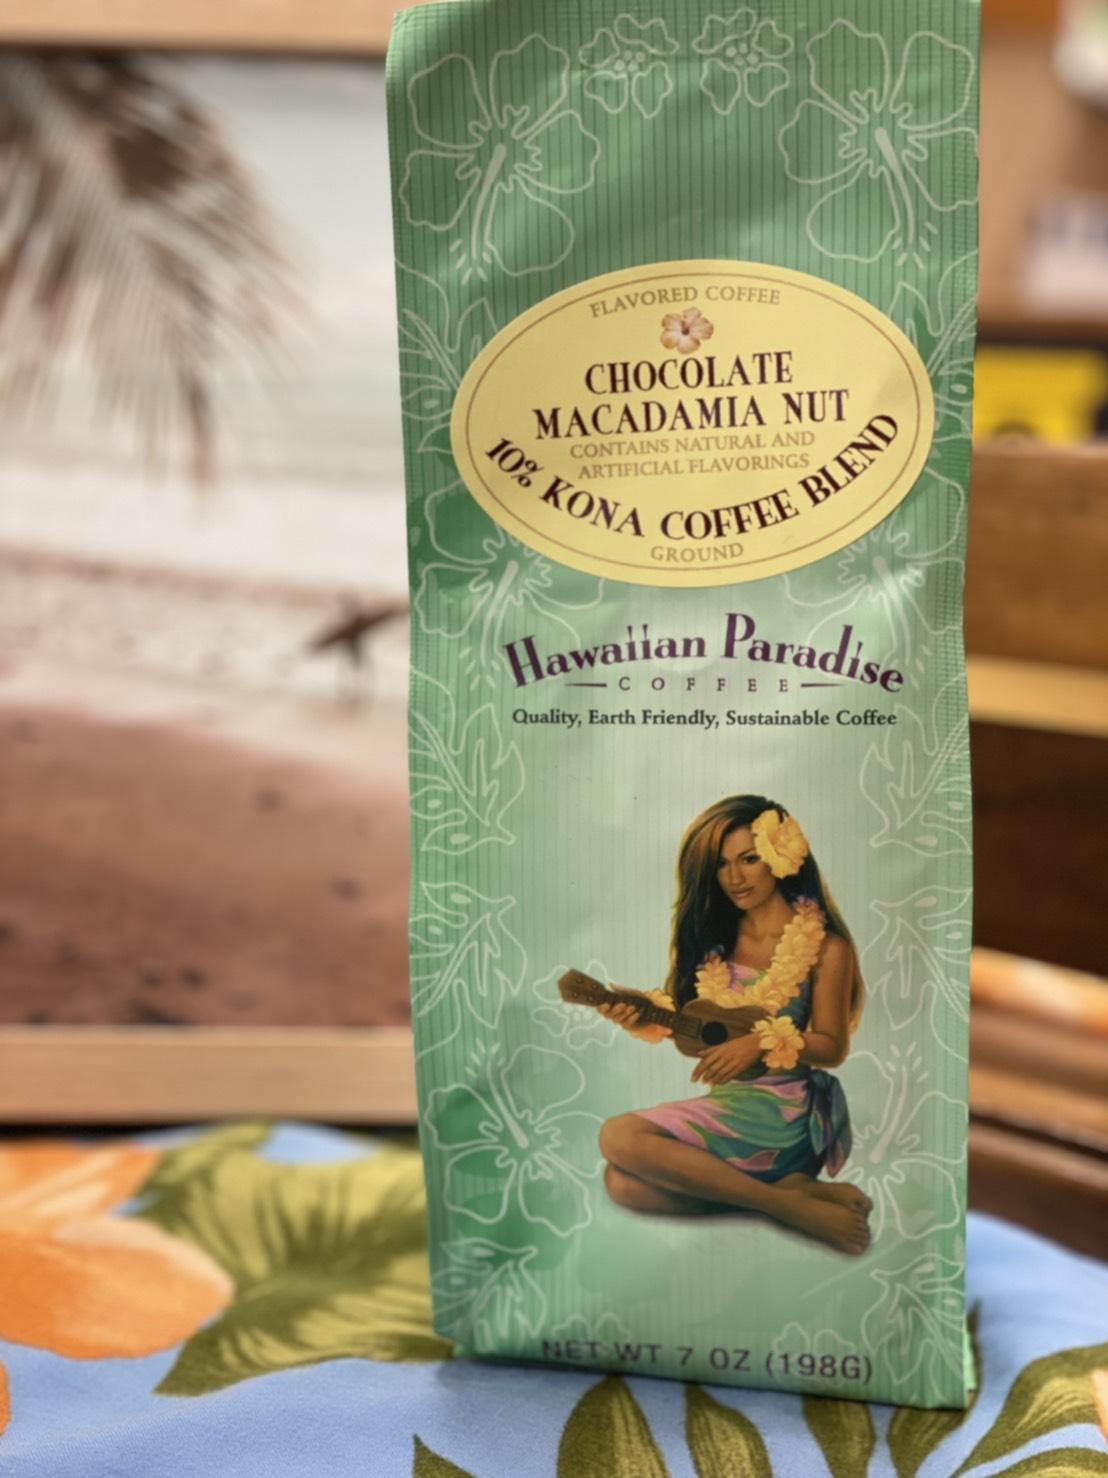 【Hawaiian Paradise Coffee】 ハワイアンパラダイスコーヒー チョコレートマカダミアナッツ  フレーバー198g